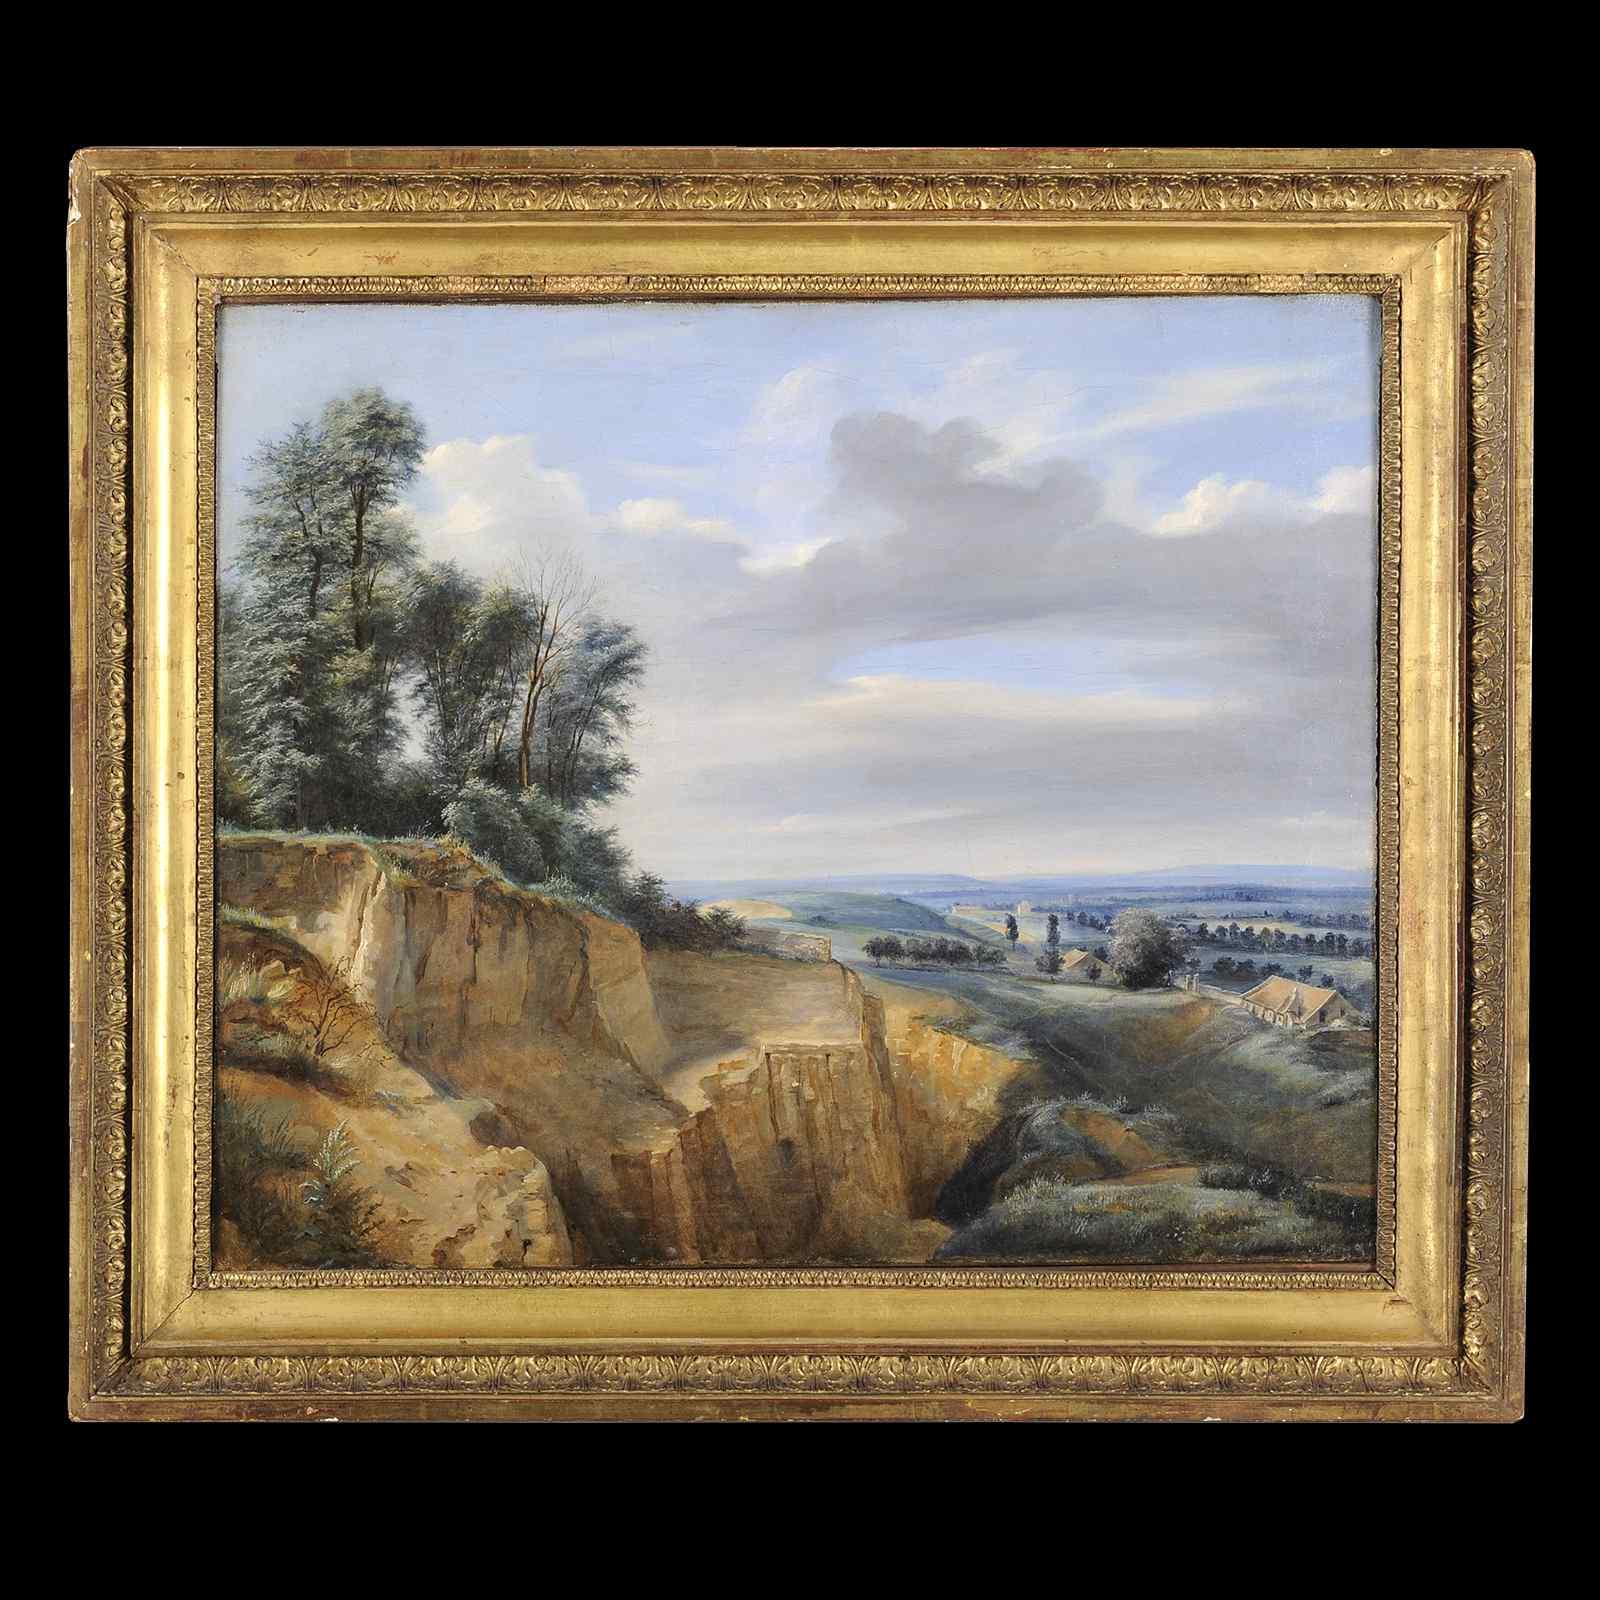 Leon Fleury - attribuito, Paesaggio del XIX secolo